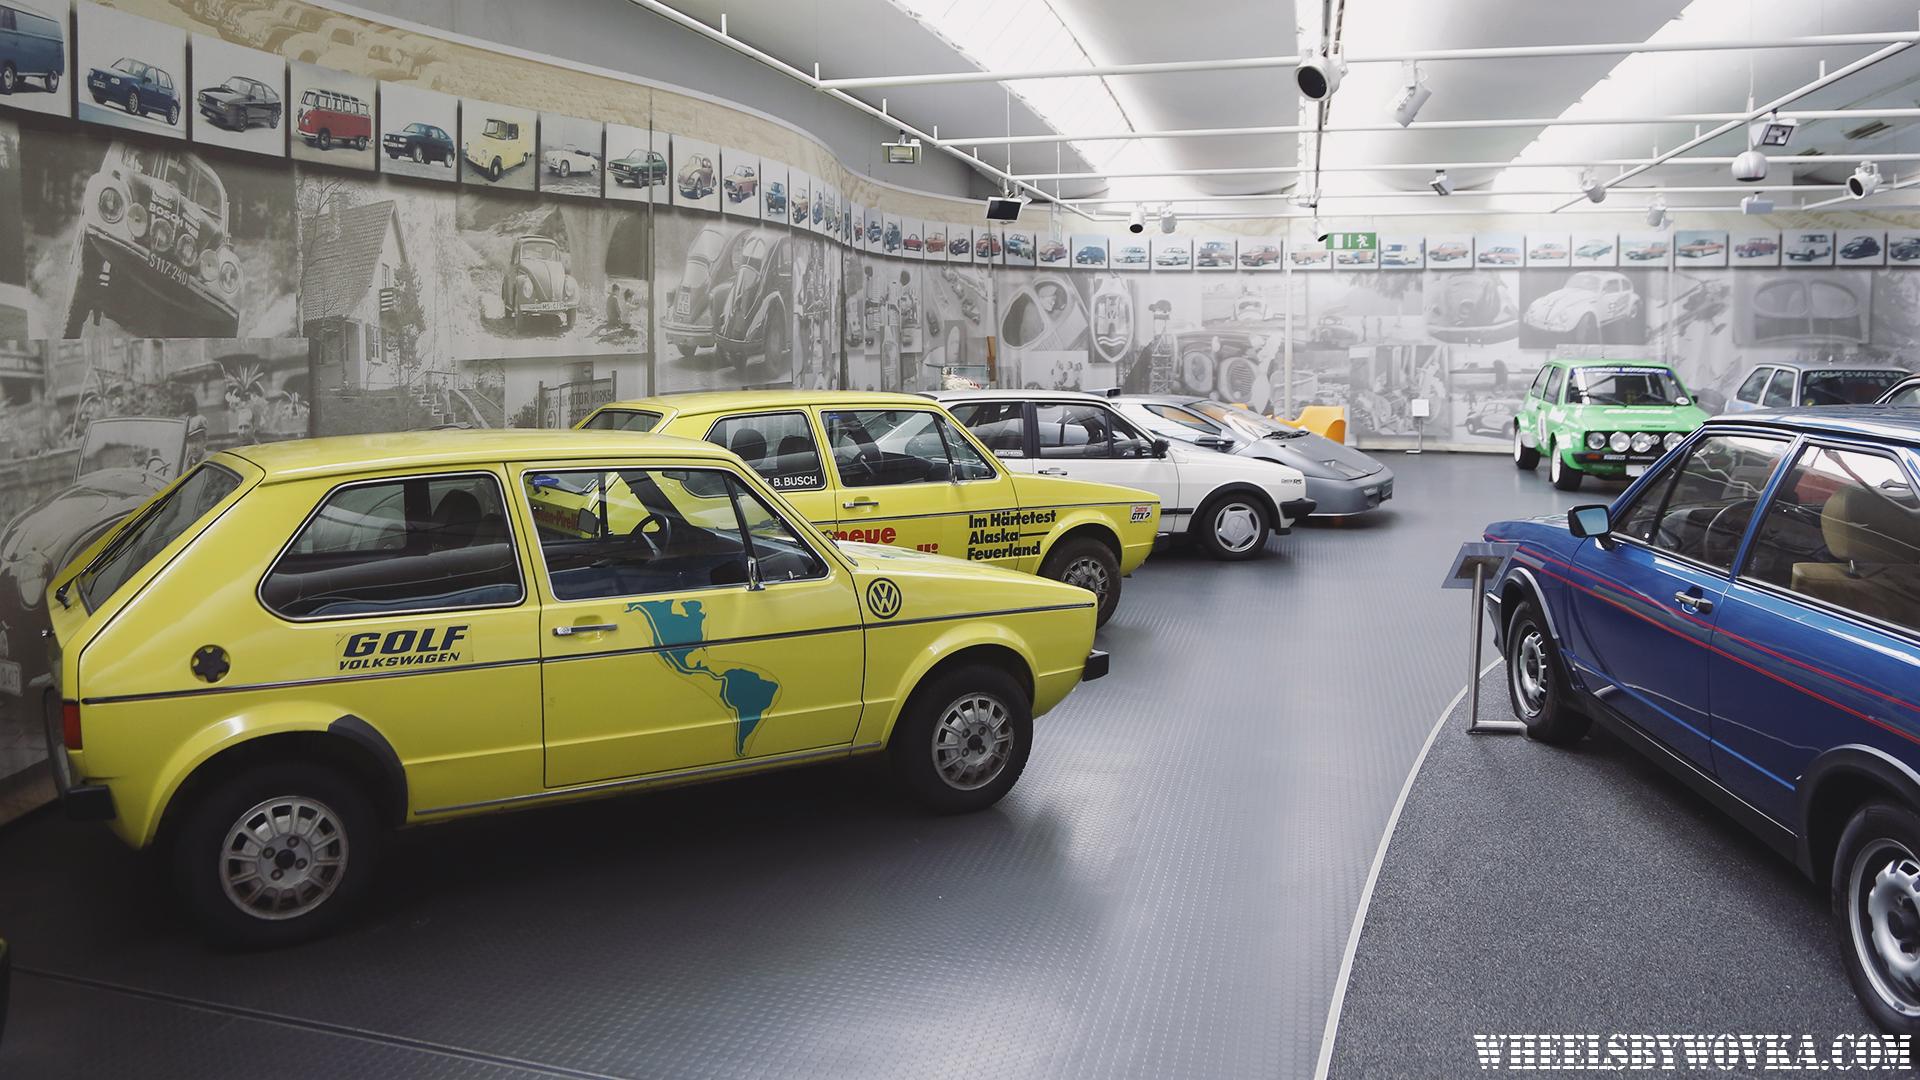 volkswagen-vw-museum-wolfsbourg-tour-by-wheelsbywovka-25